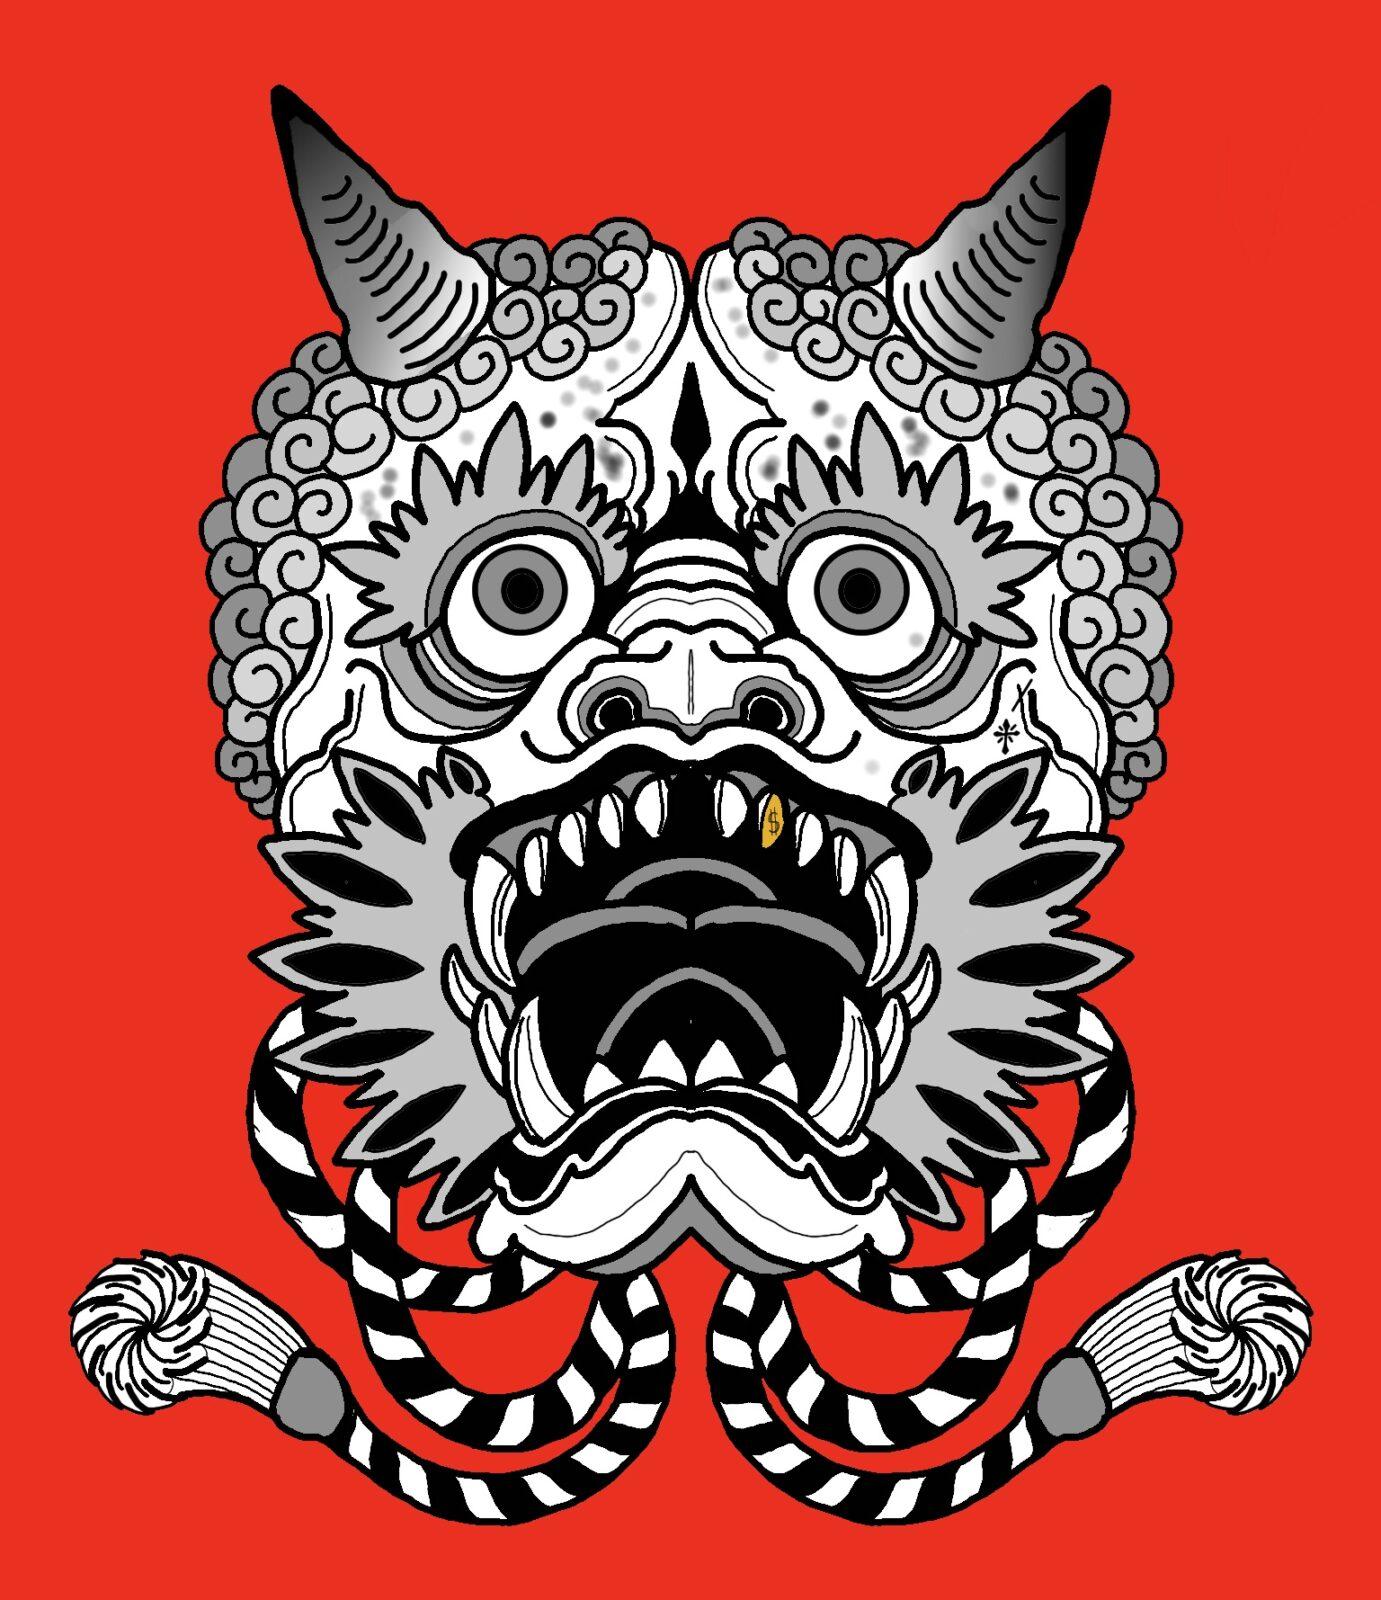 oni-mask-tattoo